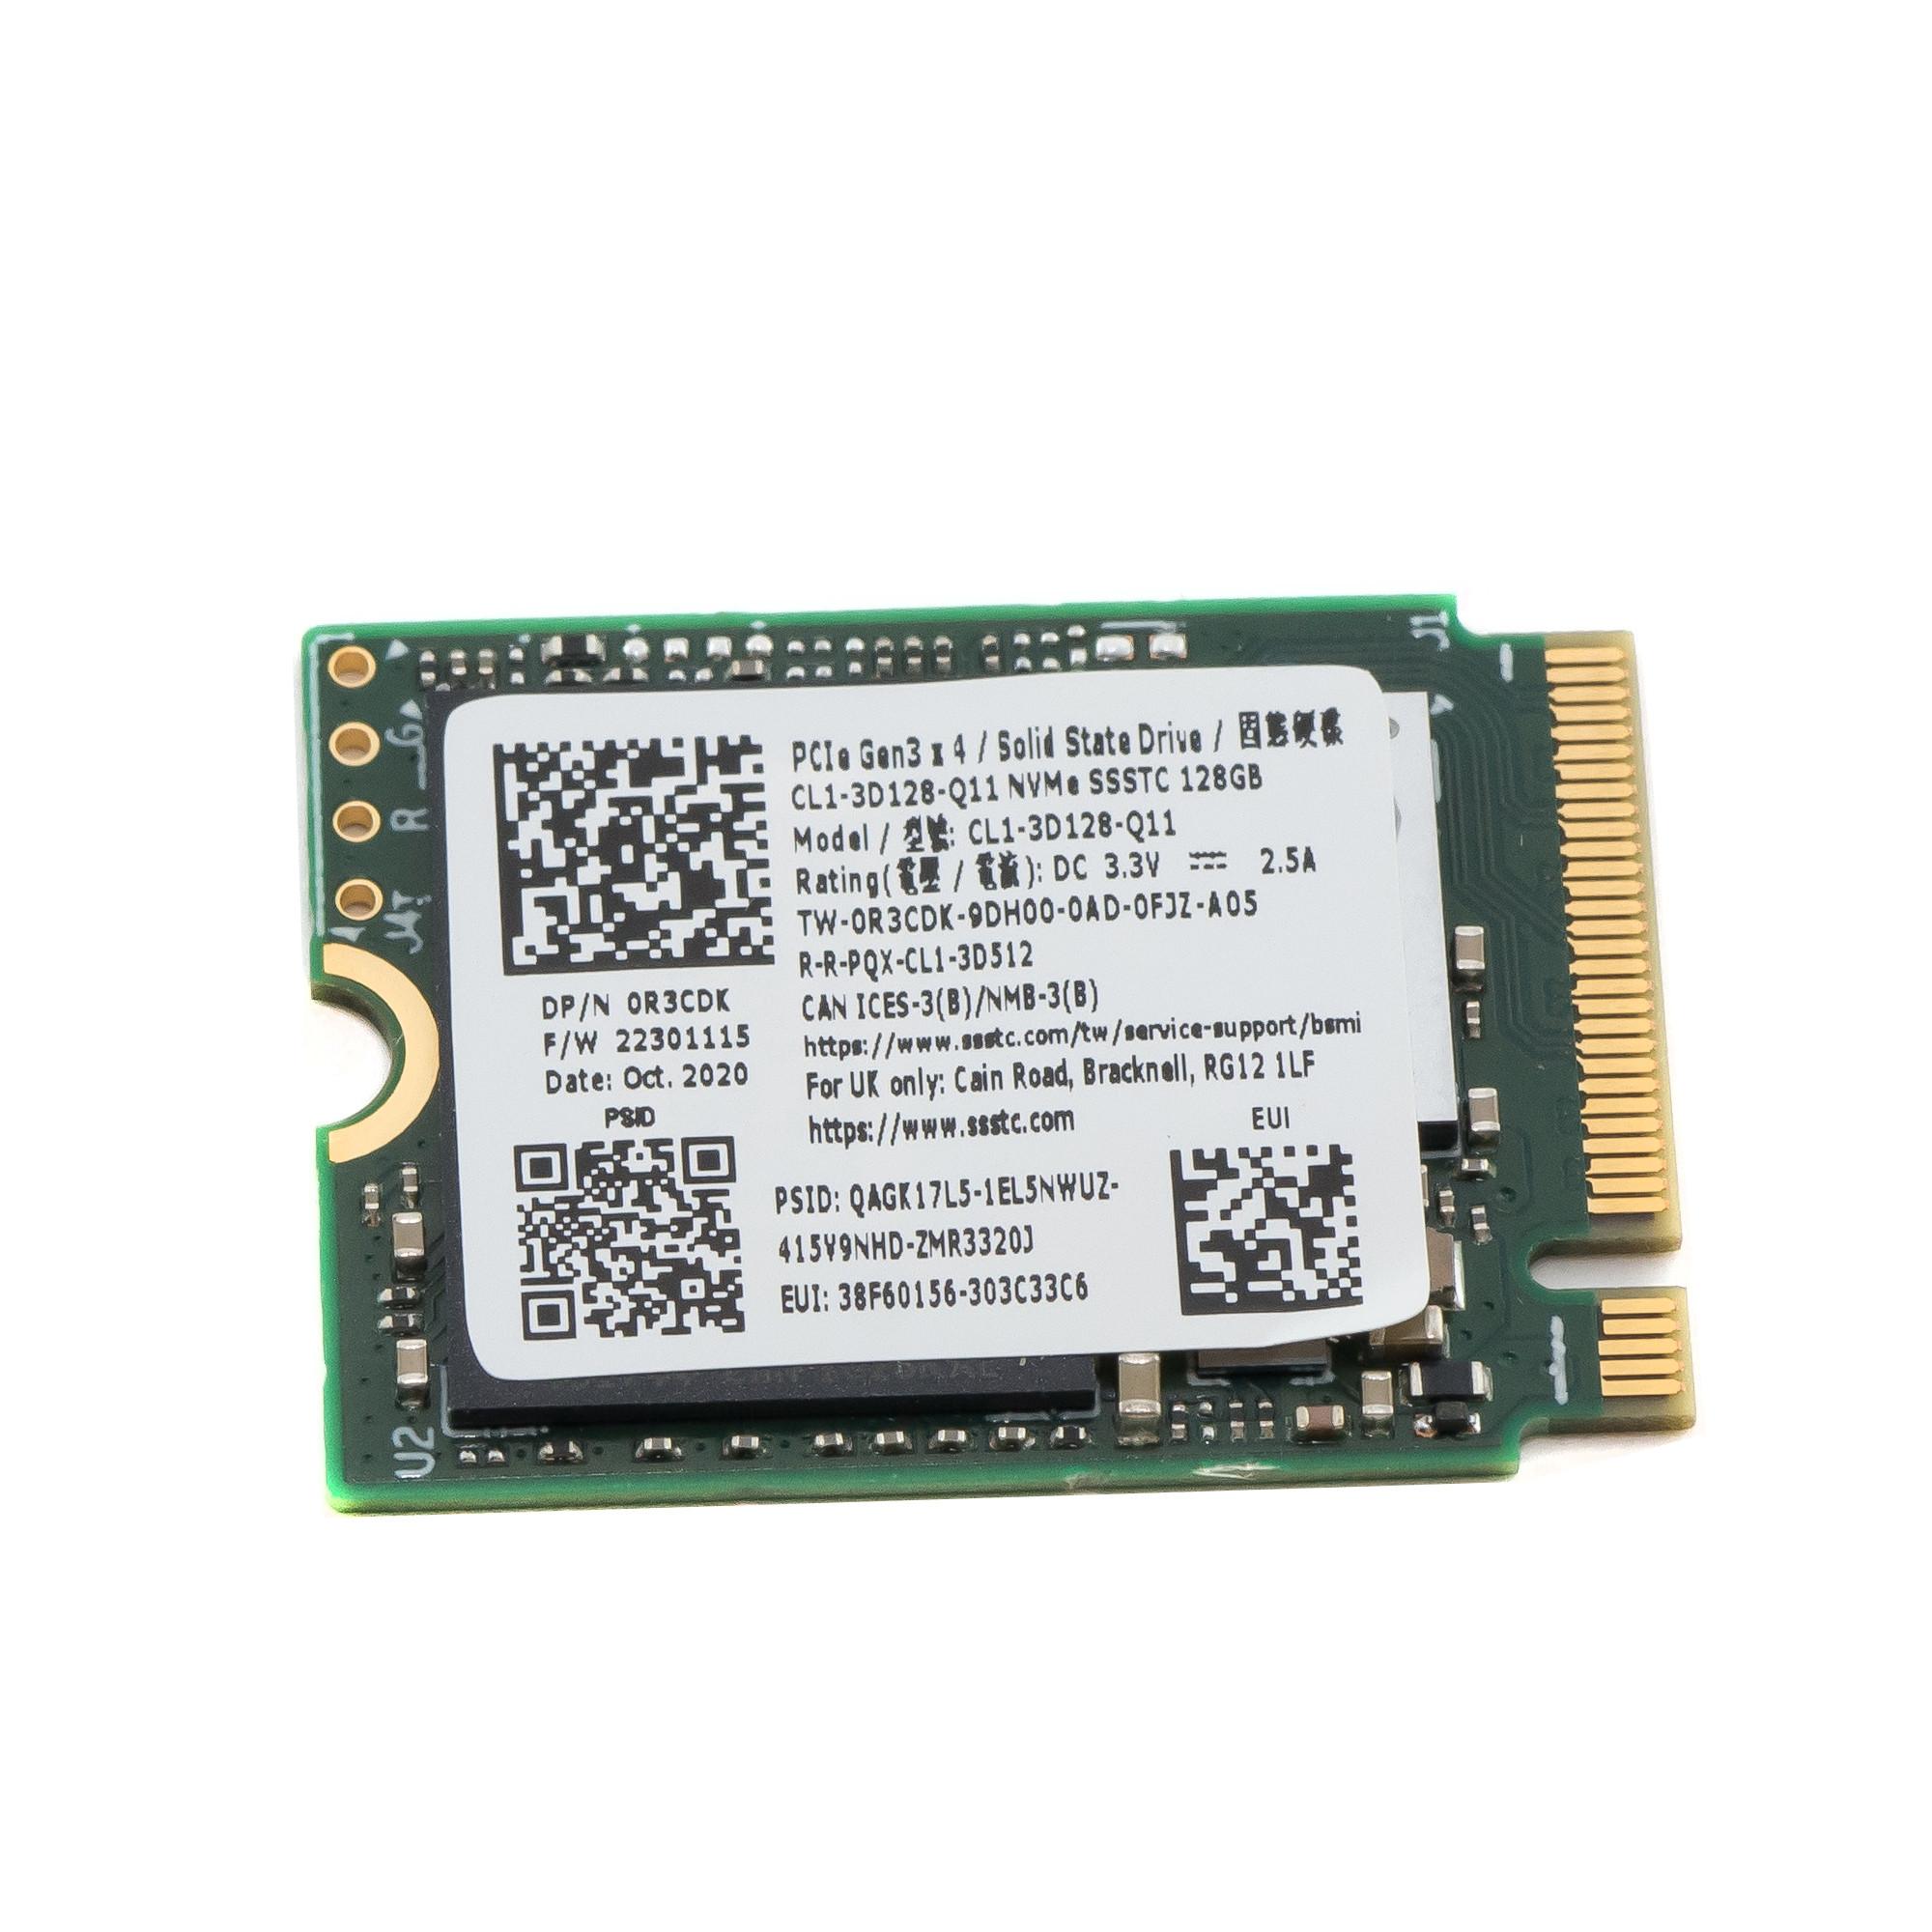 Жесткий диск SSD M.2 2230 NVME 128Gb SSSTC CL1-3D128-Q11